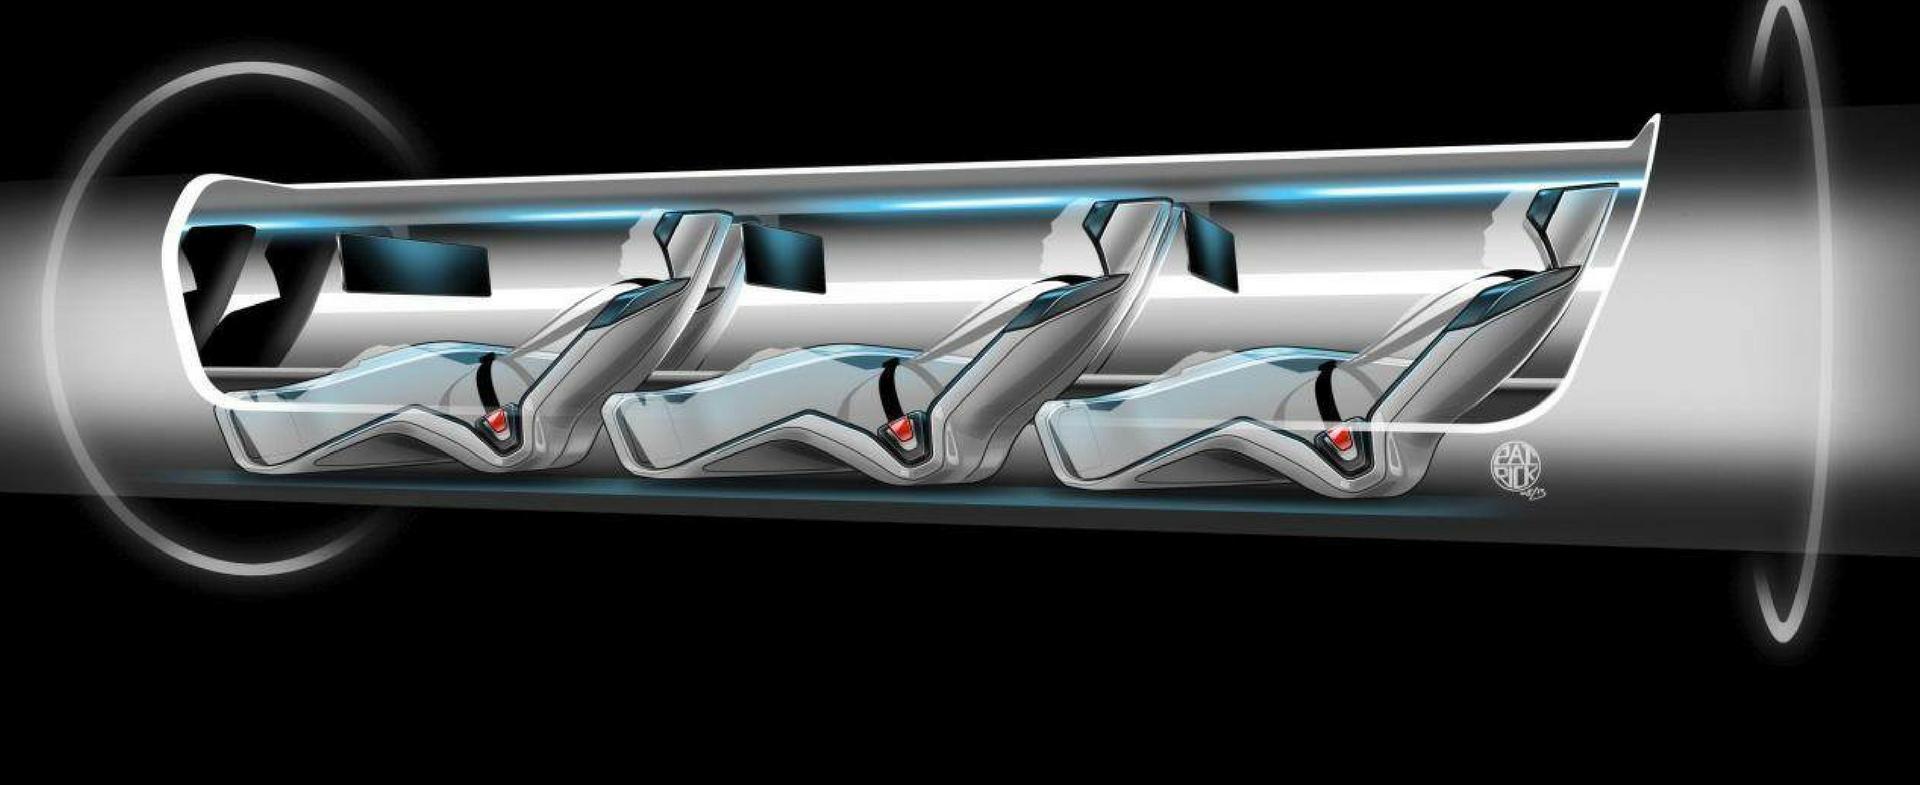 https://www.areasciencepark.it/blog/2016/11/28/tecnologia-esteco-per-il-treno-superveloce-di-elon-musk/